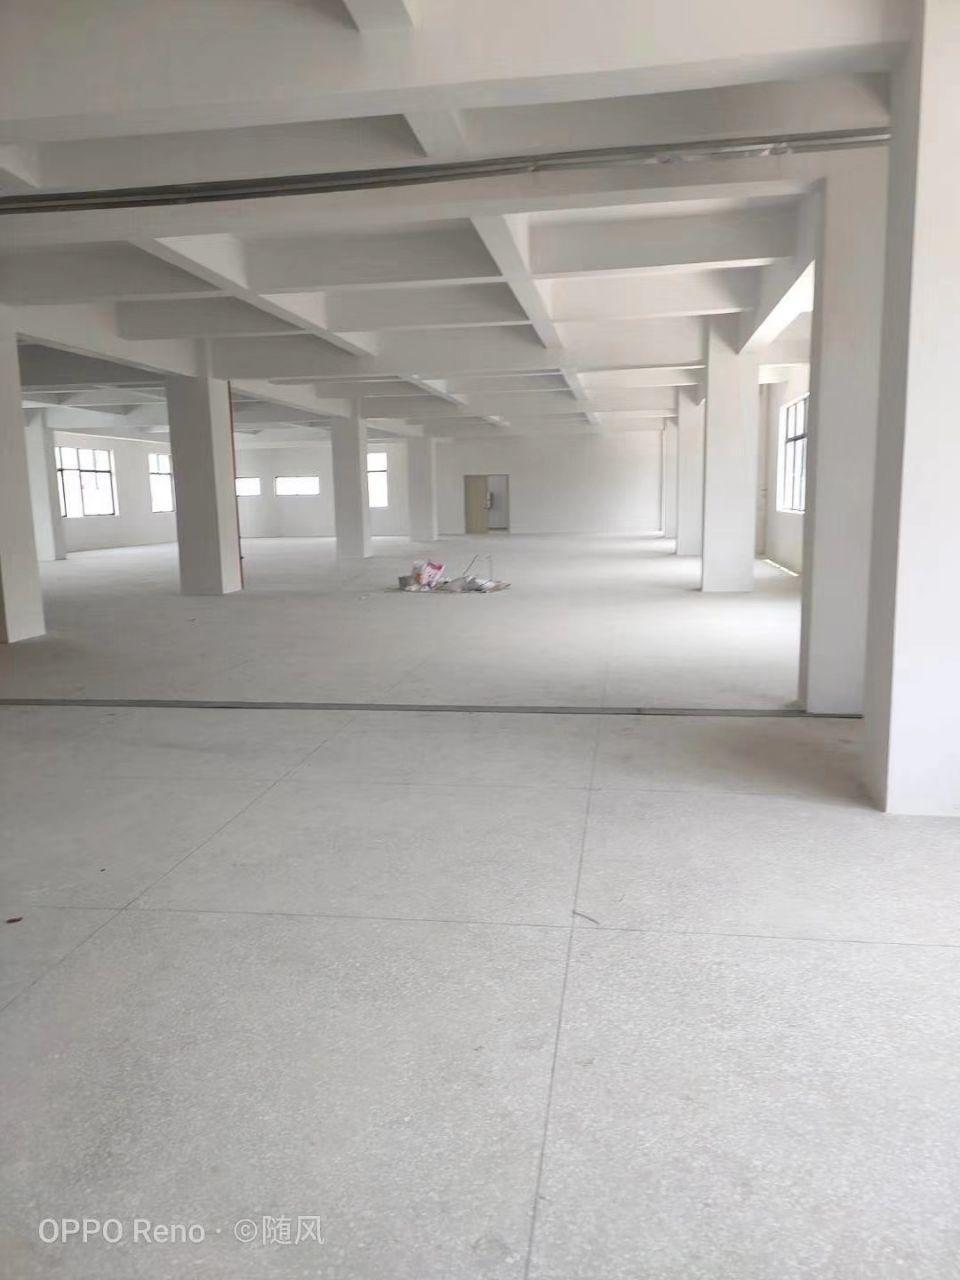 坪地一楼新出标准厂房500平方实际面积合同期长园区空地超大